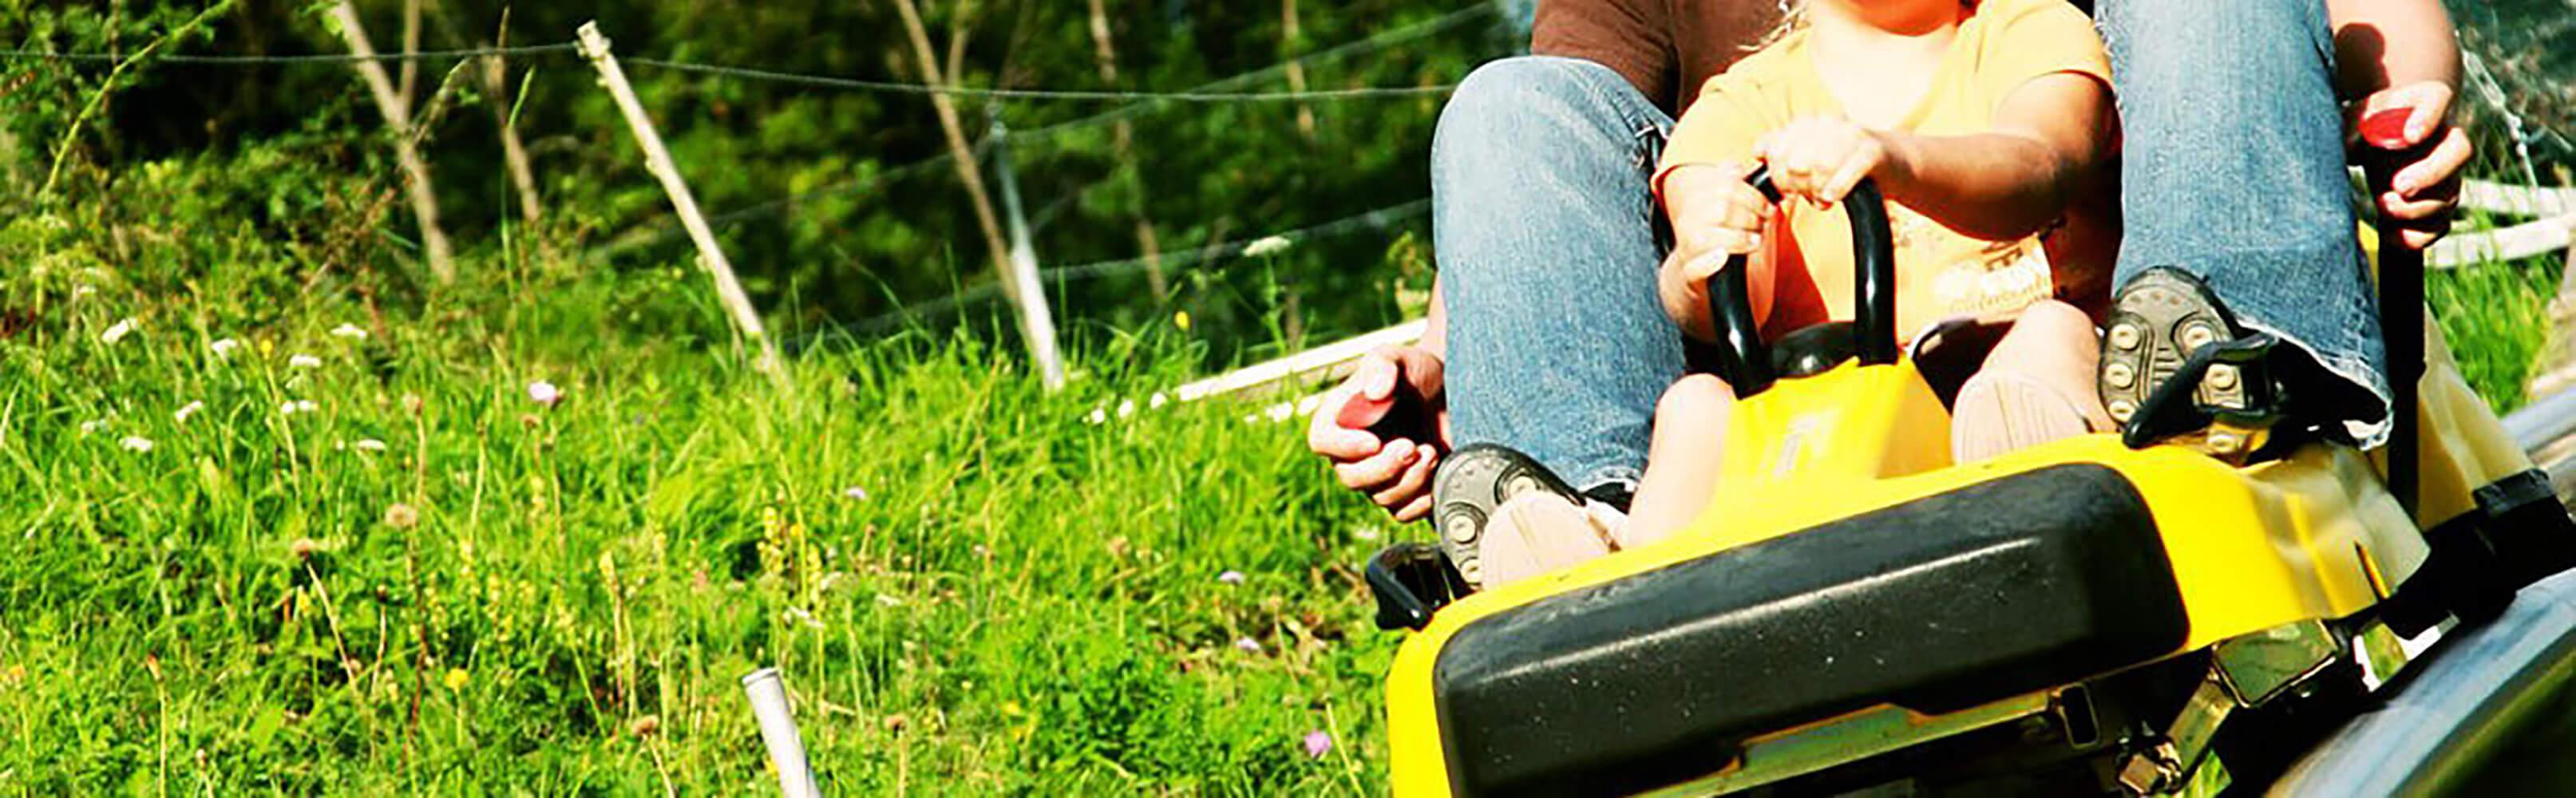 Alwetterrodelbahn Alpin coaster 1